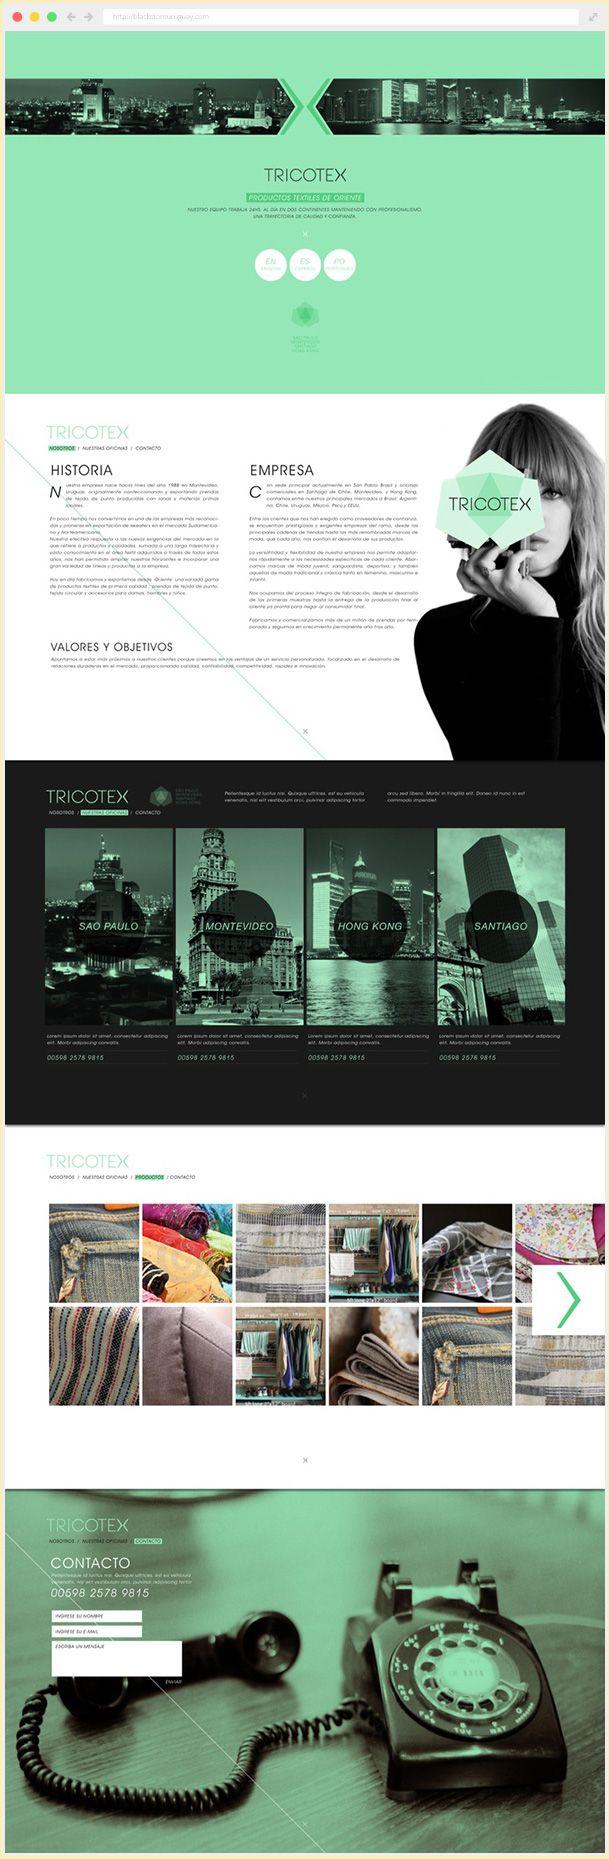 Diseño web onepage para Tricotex